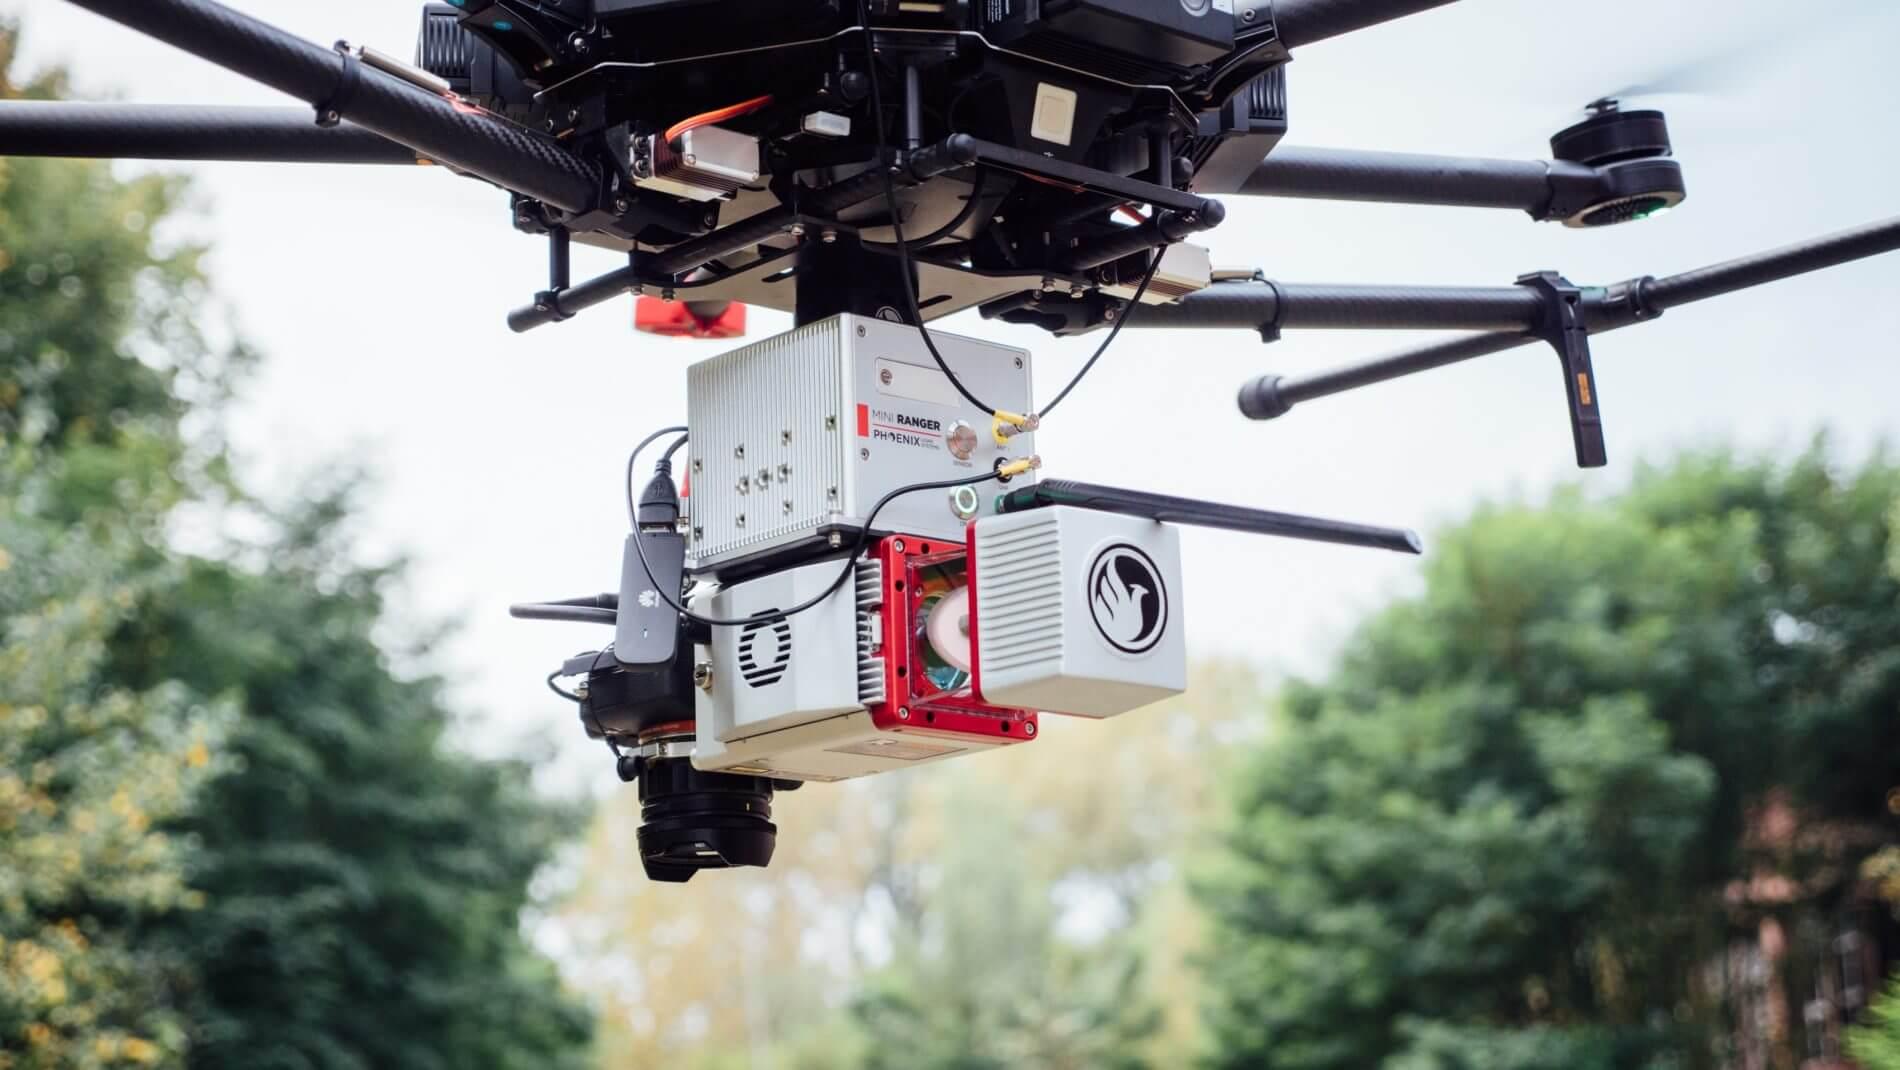 UAV-Laser-Scanning-Service-LiDAR-Scan-Drohne